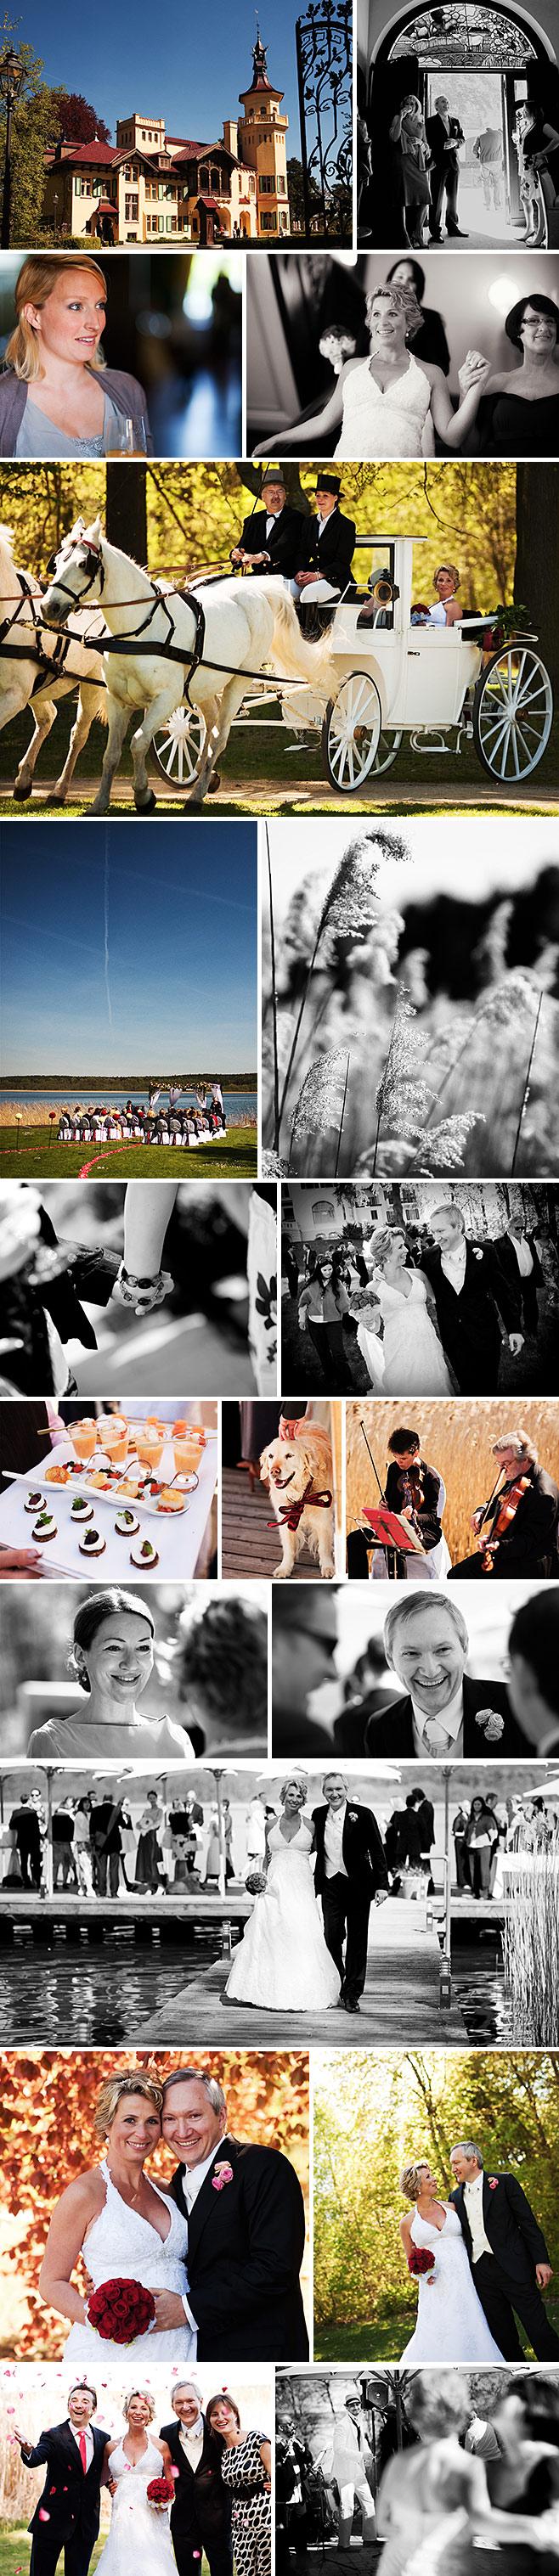 Hochzeit auf Schloss Hubertushoehe in Storkow